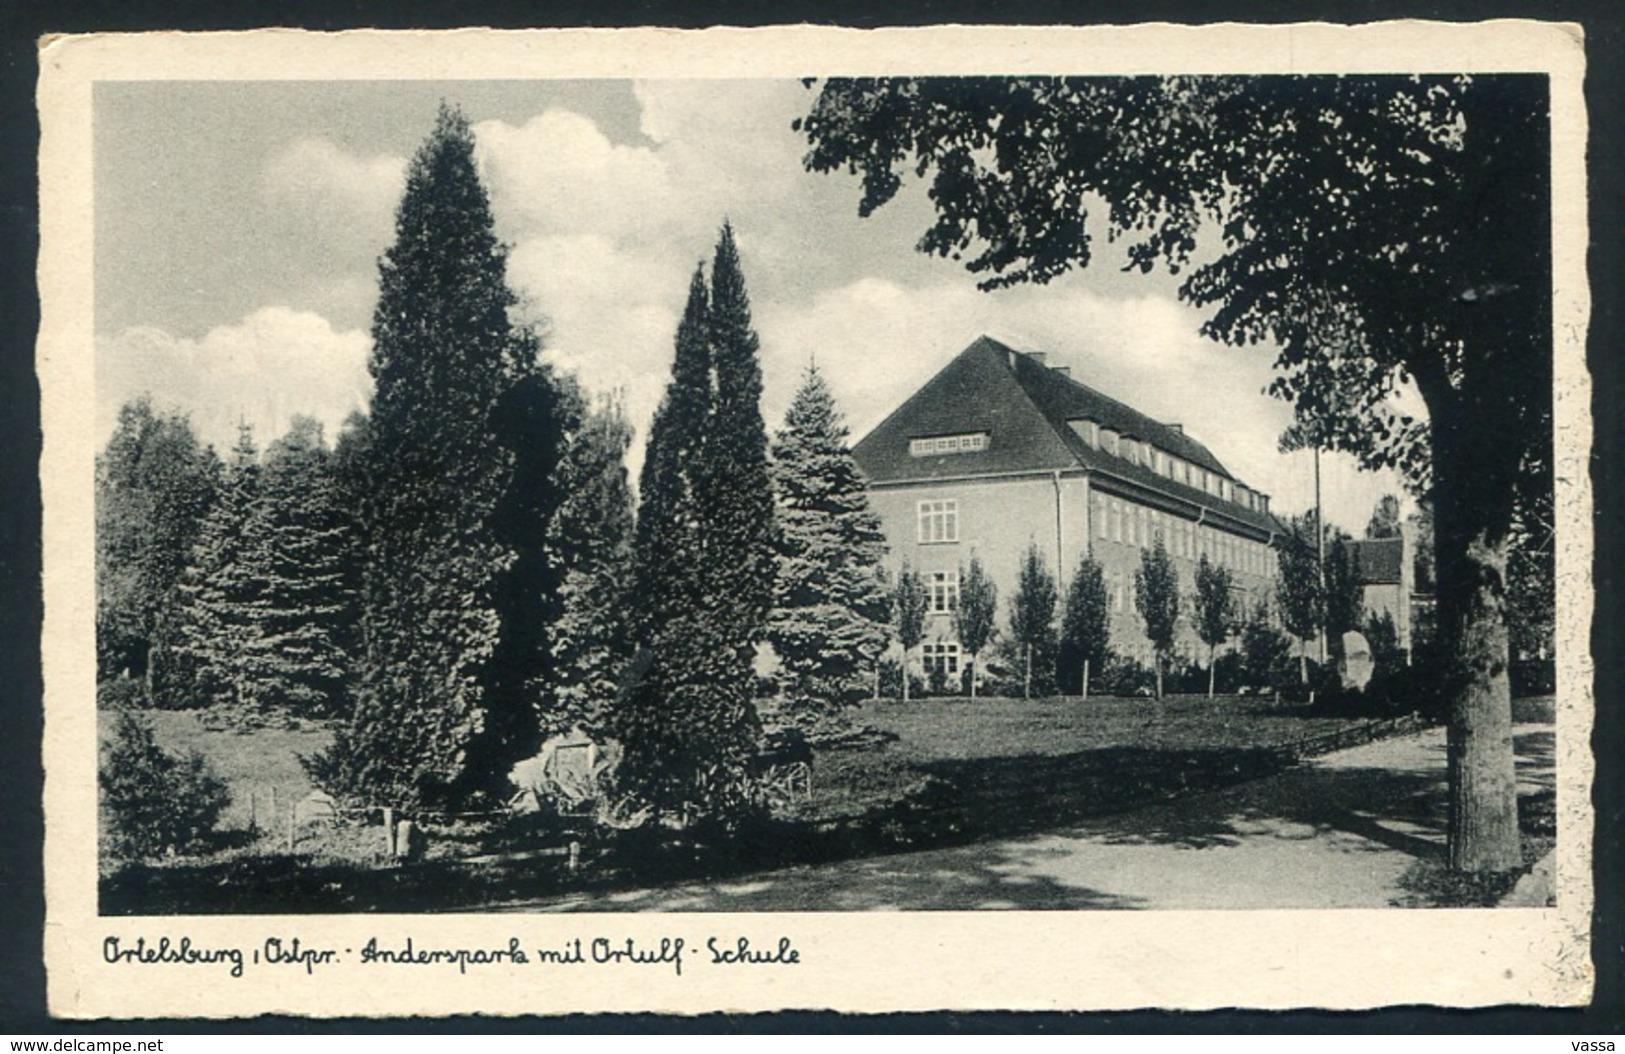 Szczytno Ortelsburg - Andersparla Mit Orluff - Schule -  Ostpreußen - Ungelaufen .Germany - Polen - Poland Church - Ostpreussen